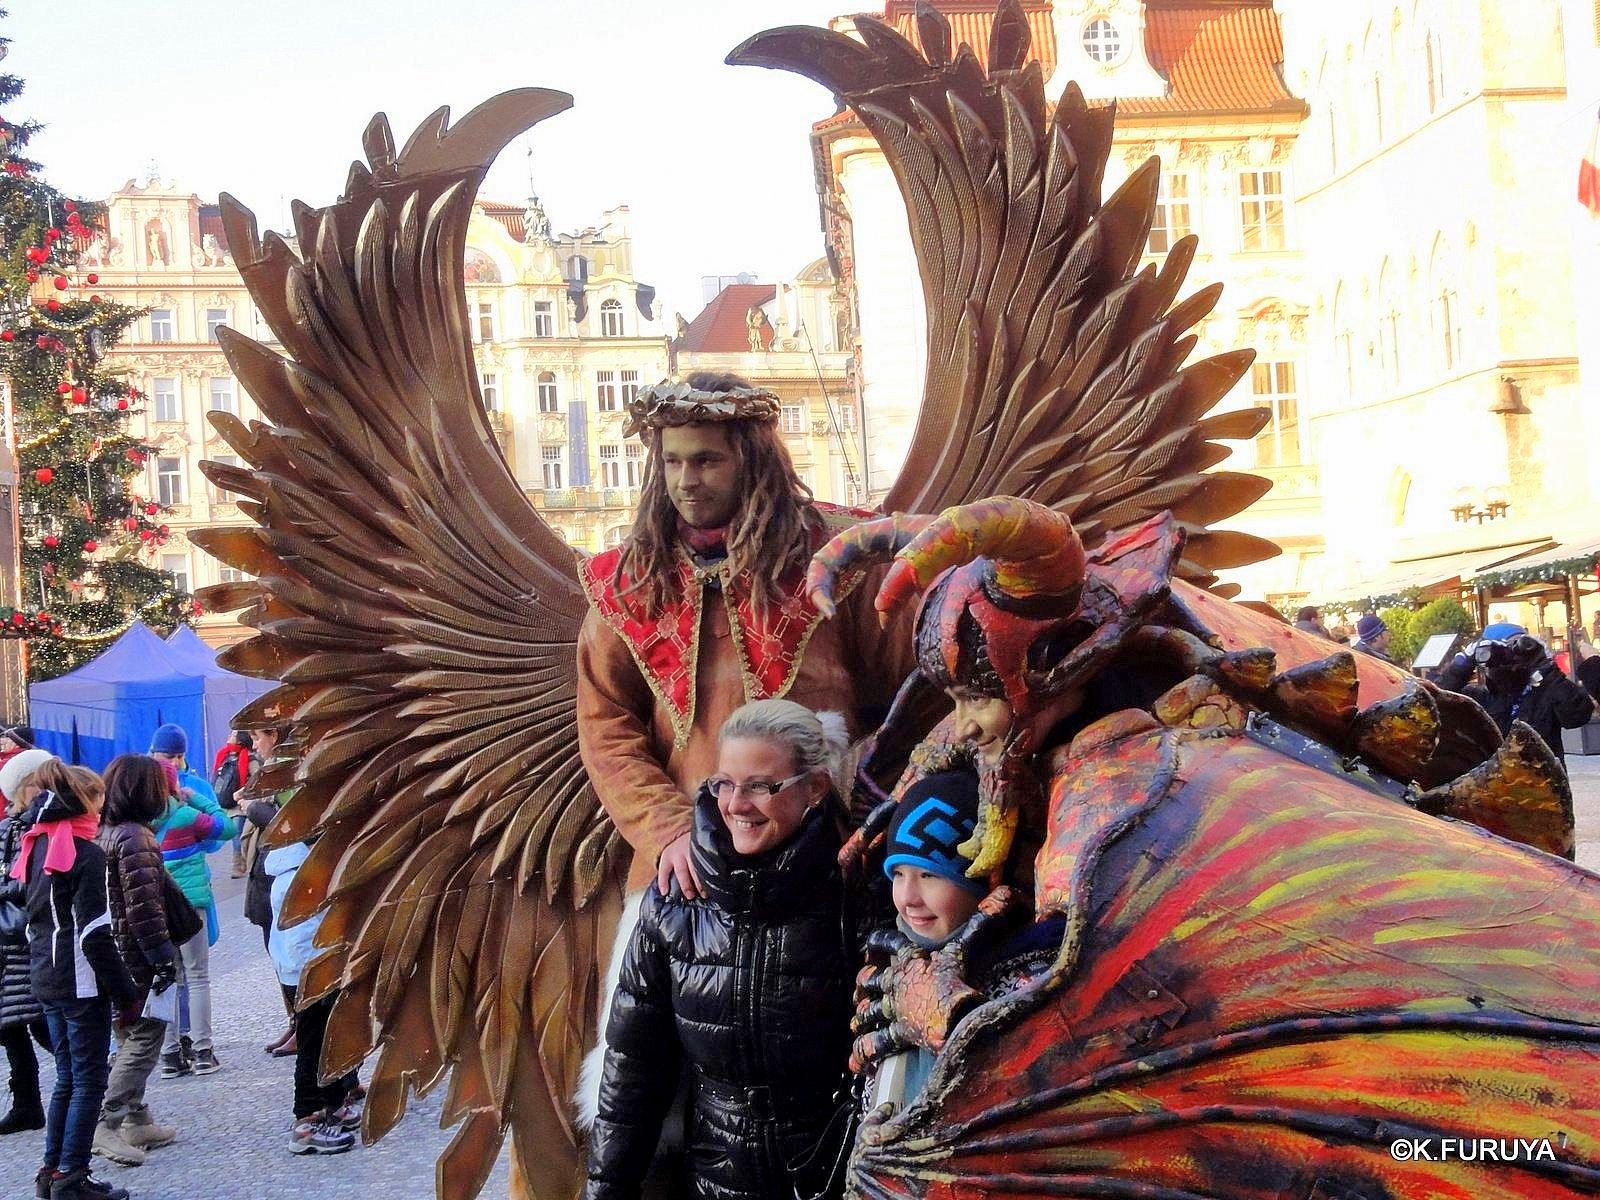 プラハ 10 旧市街広場のパフォーマー_a0092659_2123568.jpg